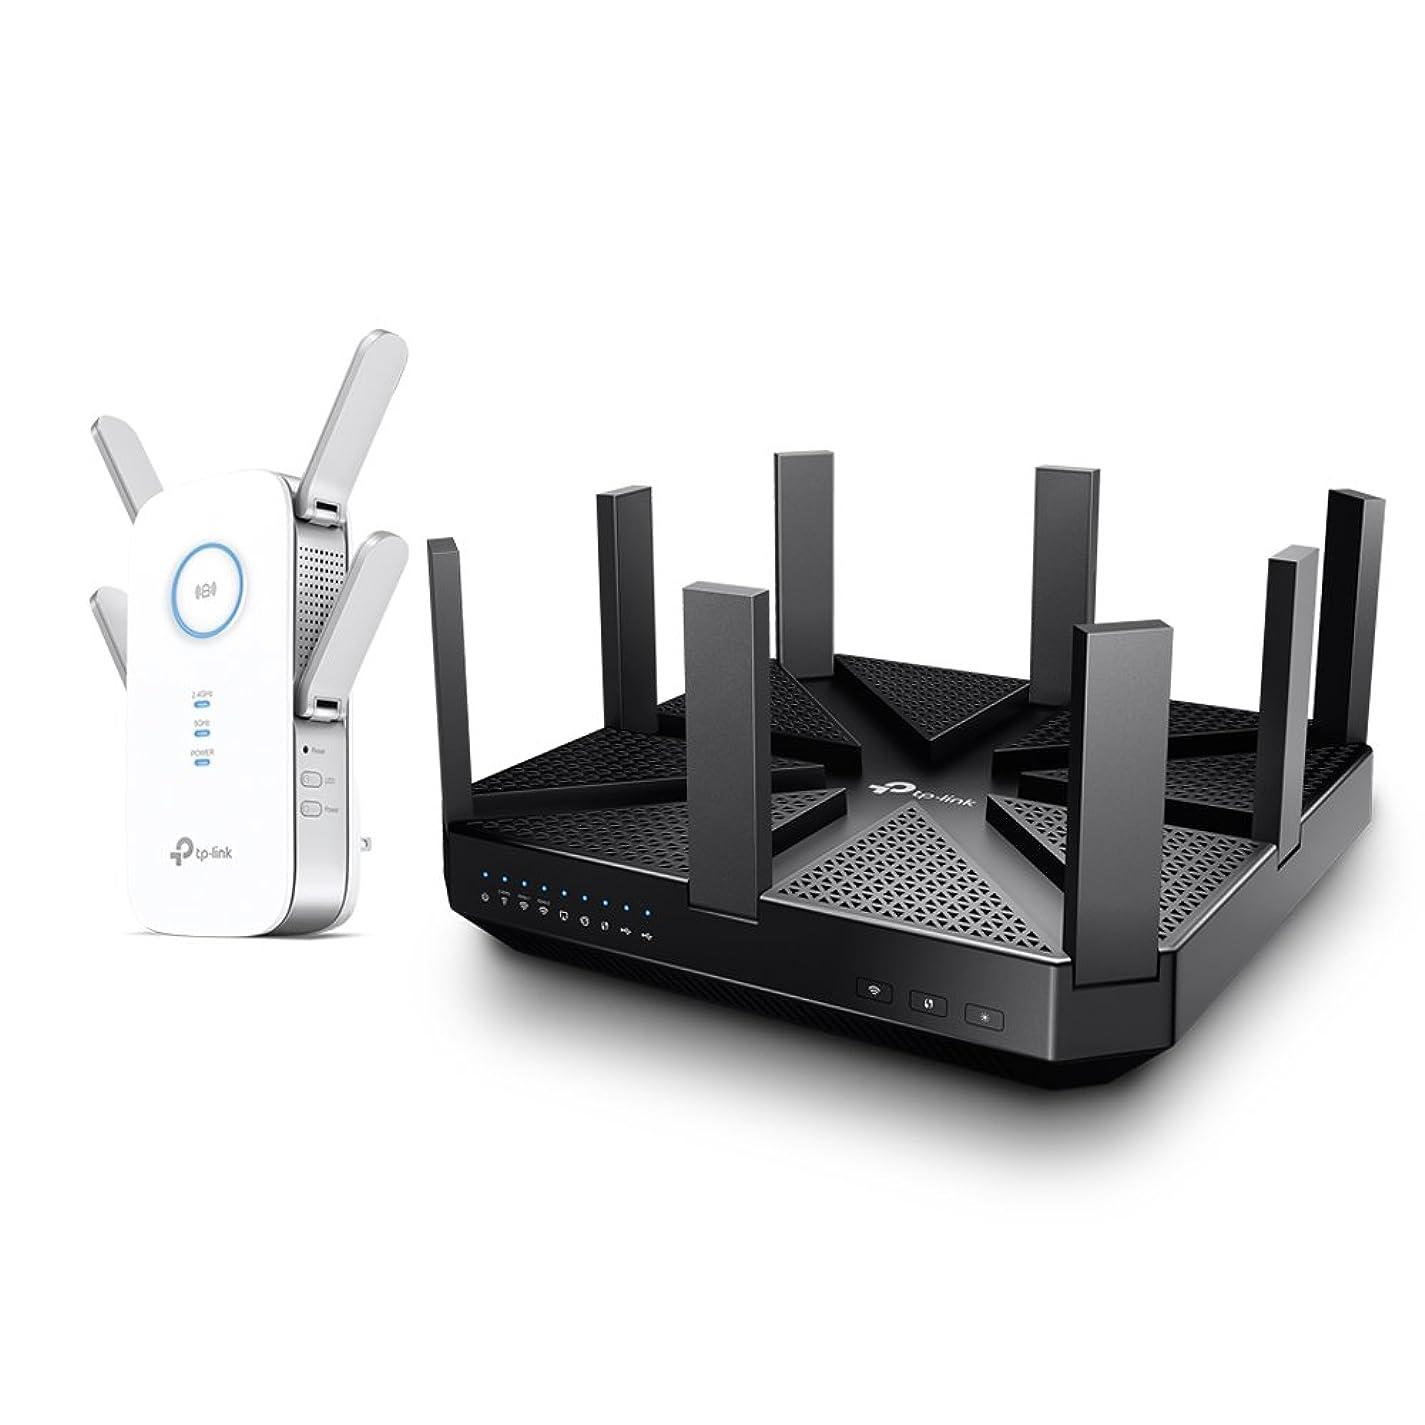 TP-Link WIFI 無線LAN ルーター Archer C5400 + 無線LAN 中継器 R650 セット (11ac/n/a/g/b ルーター: 2167+2167+1000Mbps, 中継器:1733+800Mbps)